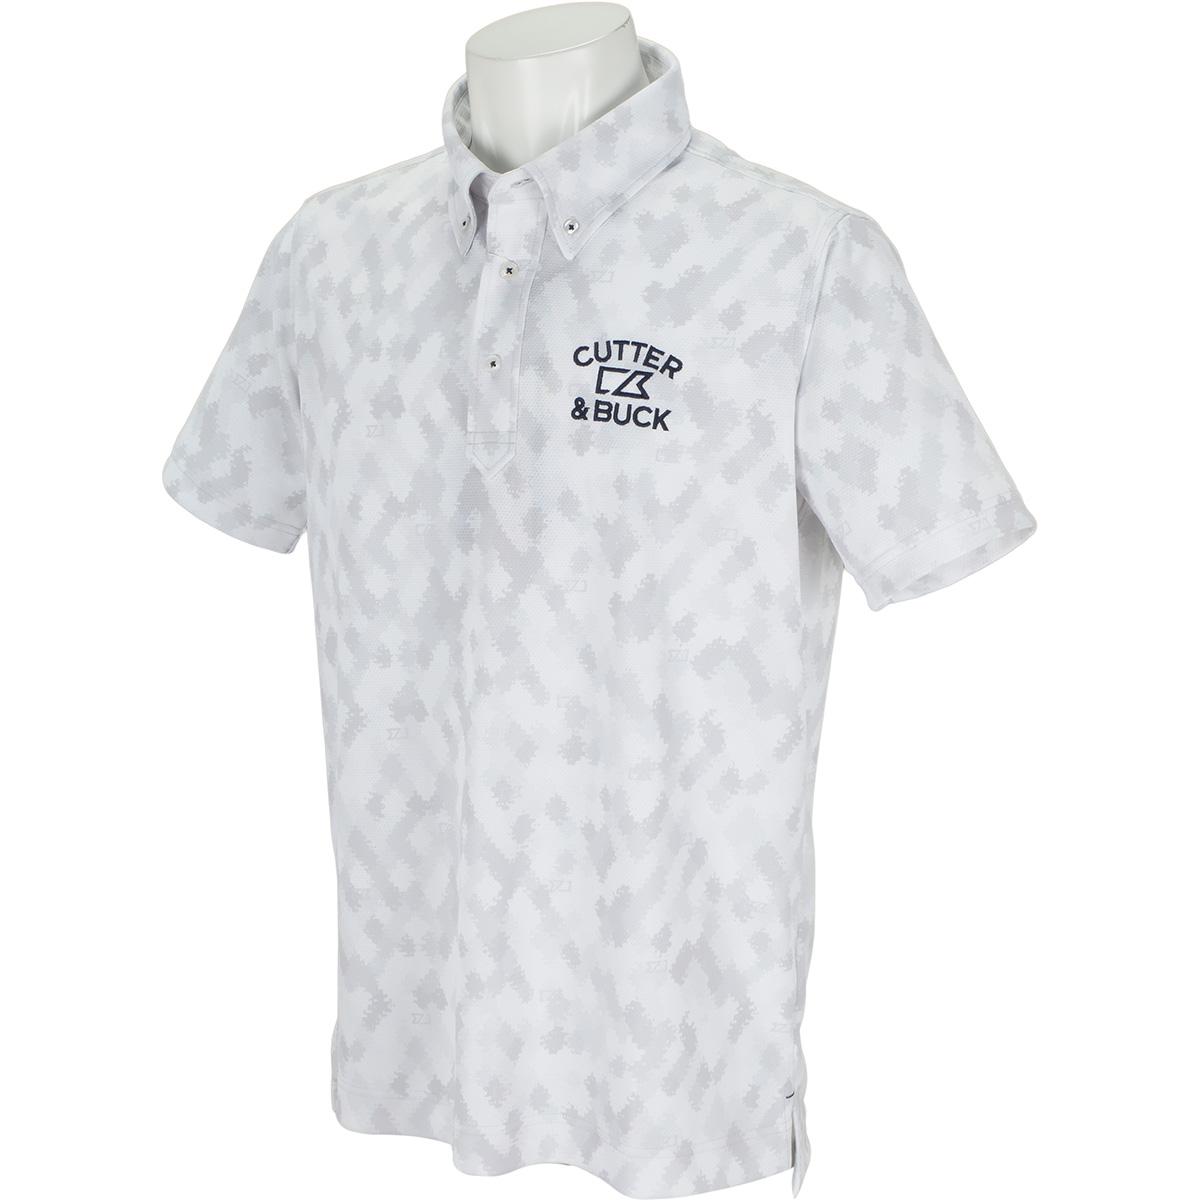 サンスクリーンモザイクプリント ボタンダウンカラー半袖ポロシャツ